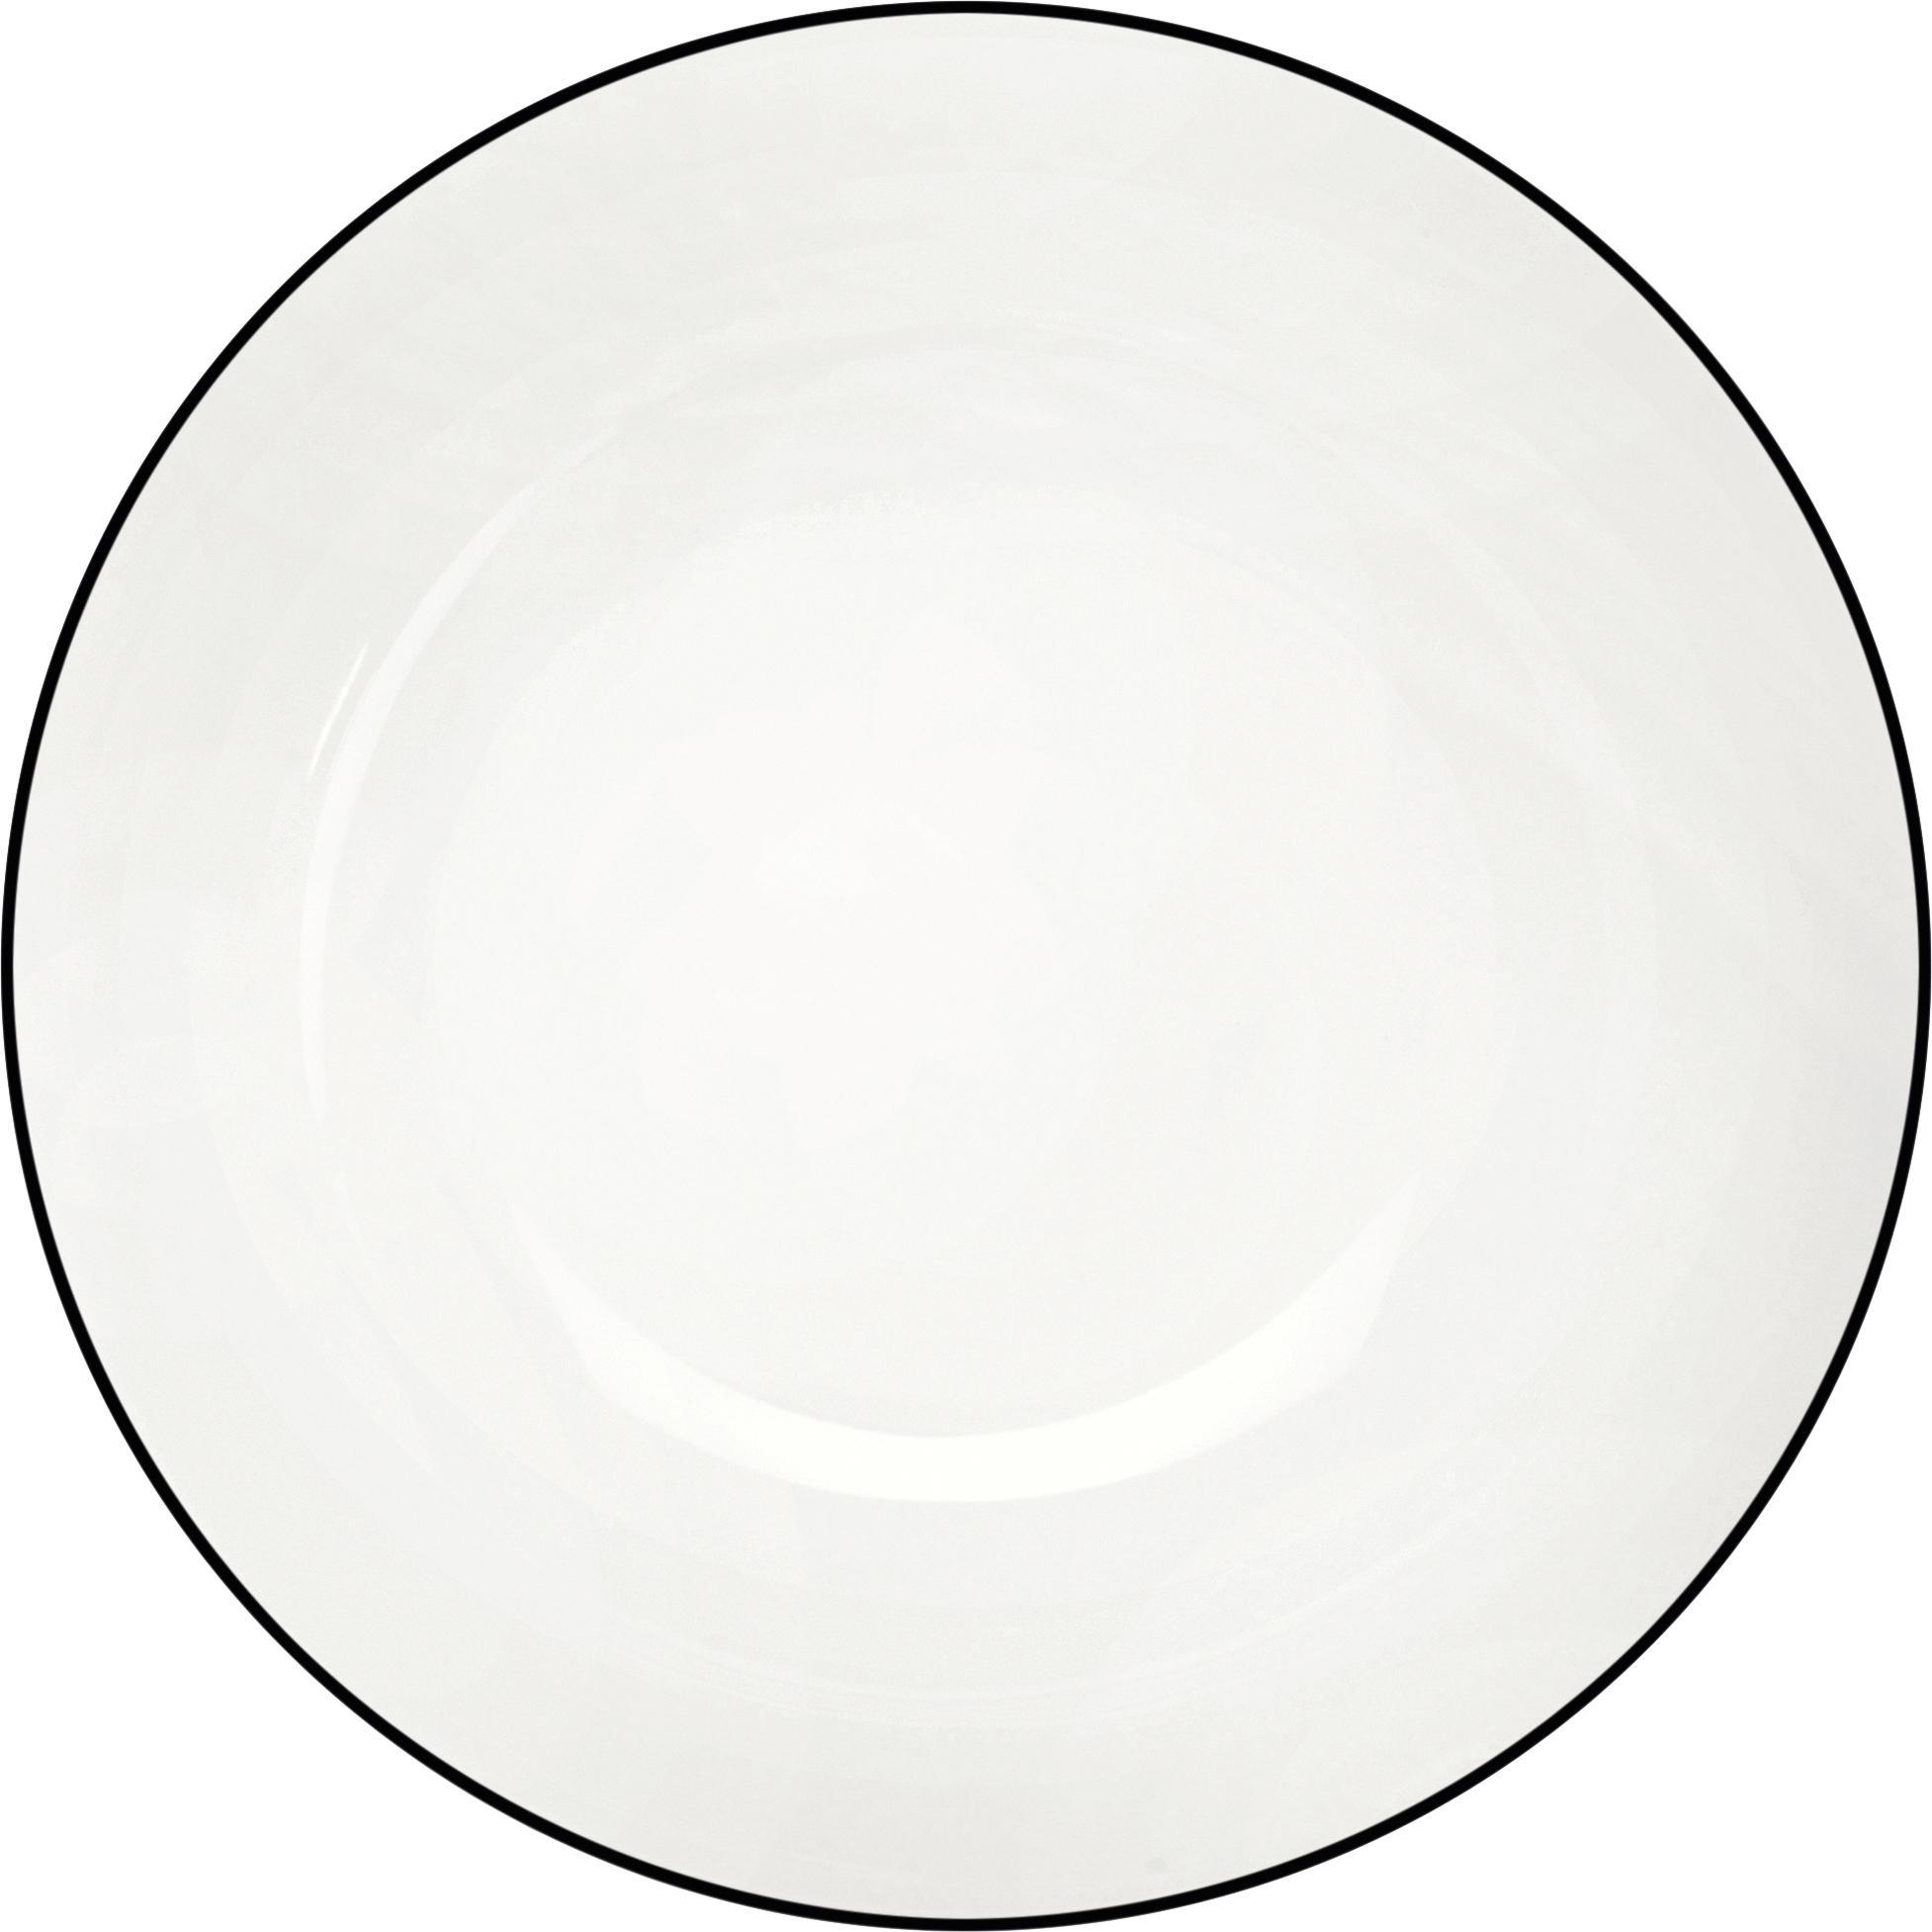 Dessertteller á table ligne noir mit schwarzem Rand, 4 Stück, Fine Bone China (Porzellan), Weiß<br>Rand: Schwarz, Ø 21 cm